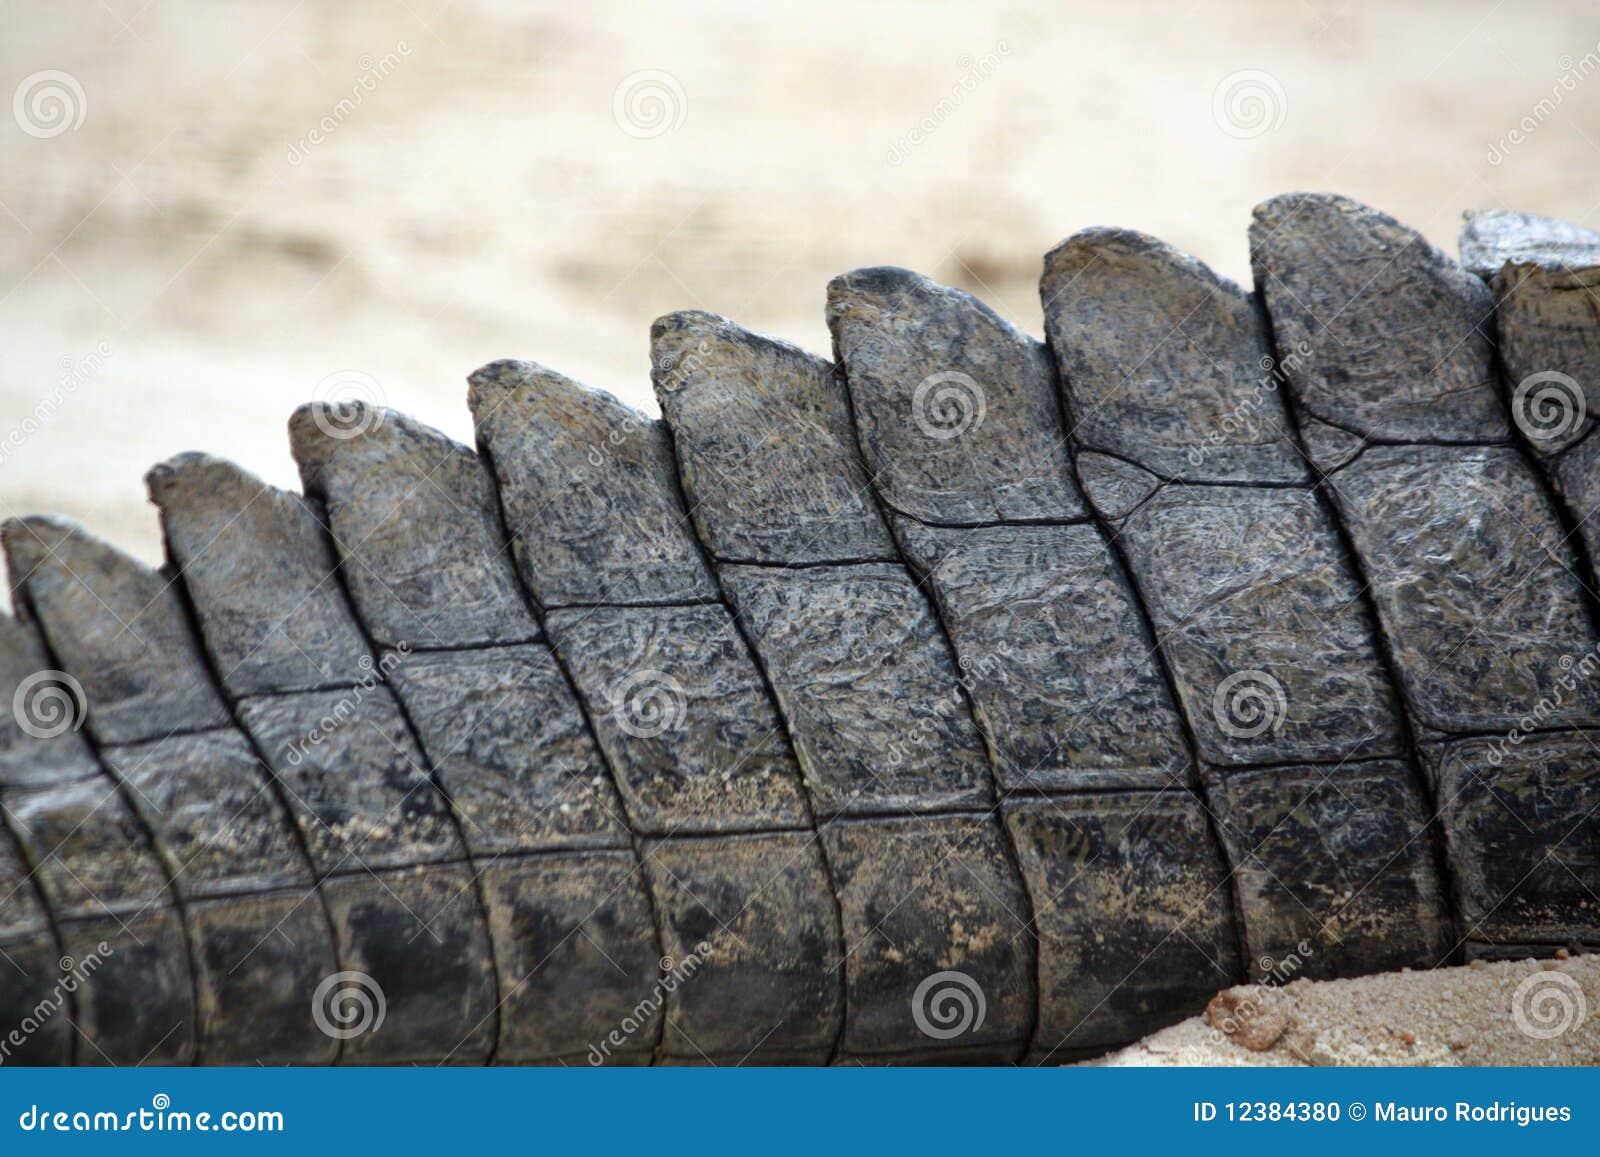 Crocodile tail - photo#24